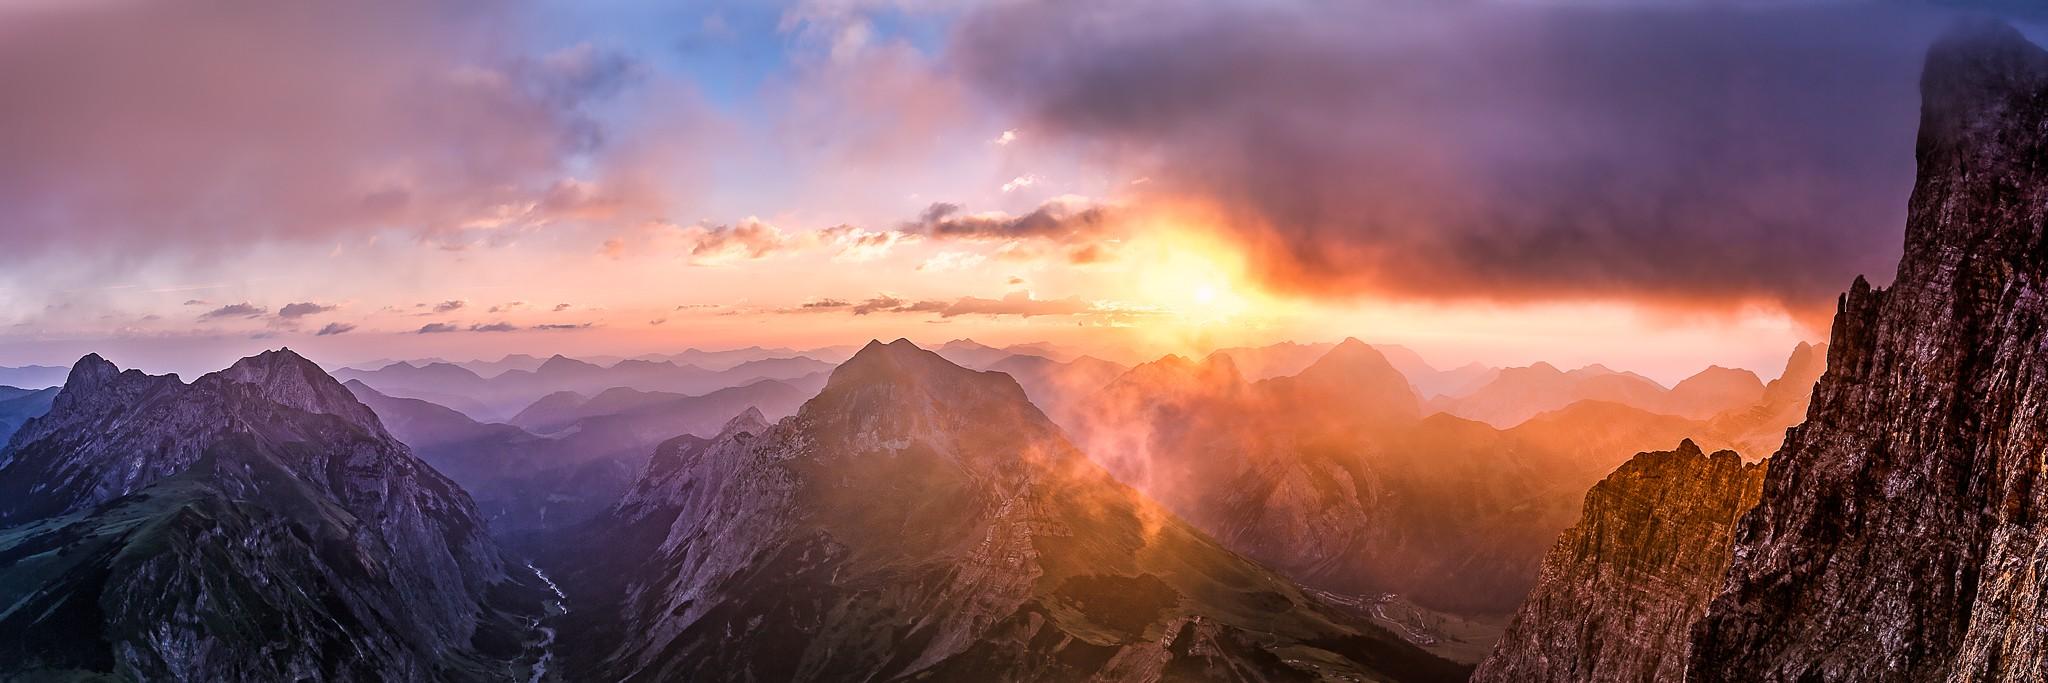 Zunächst war es ein ganz normaler Sonnenaufgang an der Laliderer Wand, doch dann zog von rechts eine düstere Wolke über die Dreizinkenspitze. Berglandschaft in den Alpen - Karwendelhauptkamm.